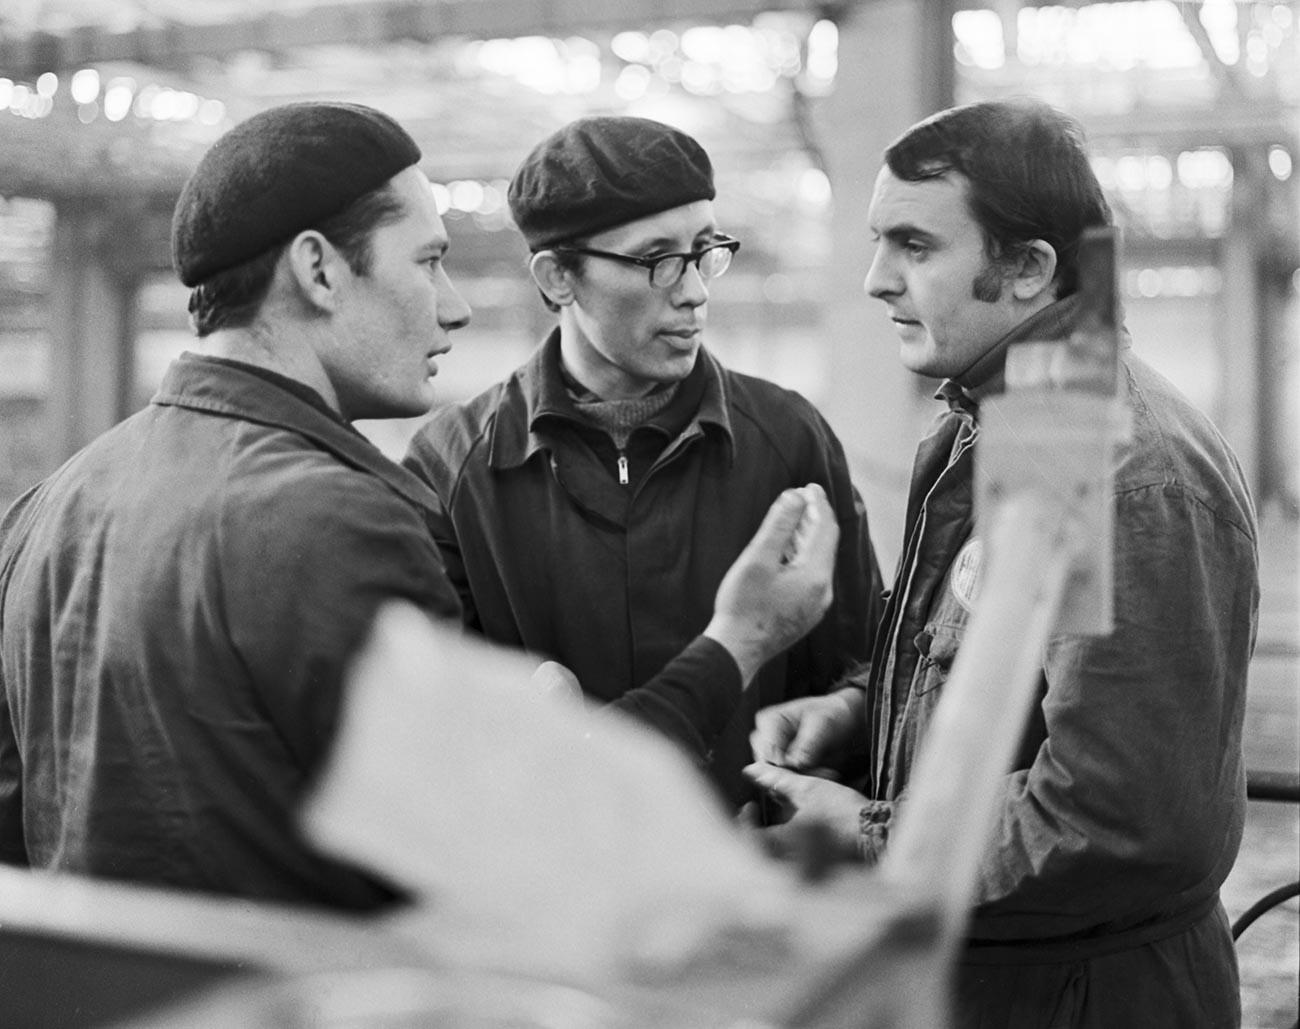 VAZ. Sovjetski specijalisti Sergej Jasinskij i Nikolaj Borodin razgovaraju s Talijanom Vittorijem Benaggijem.